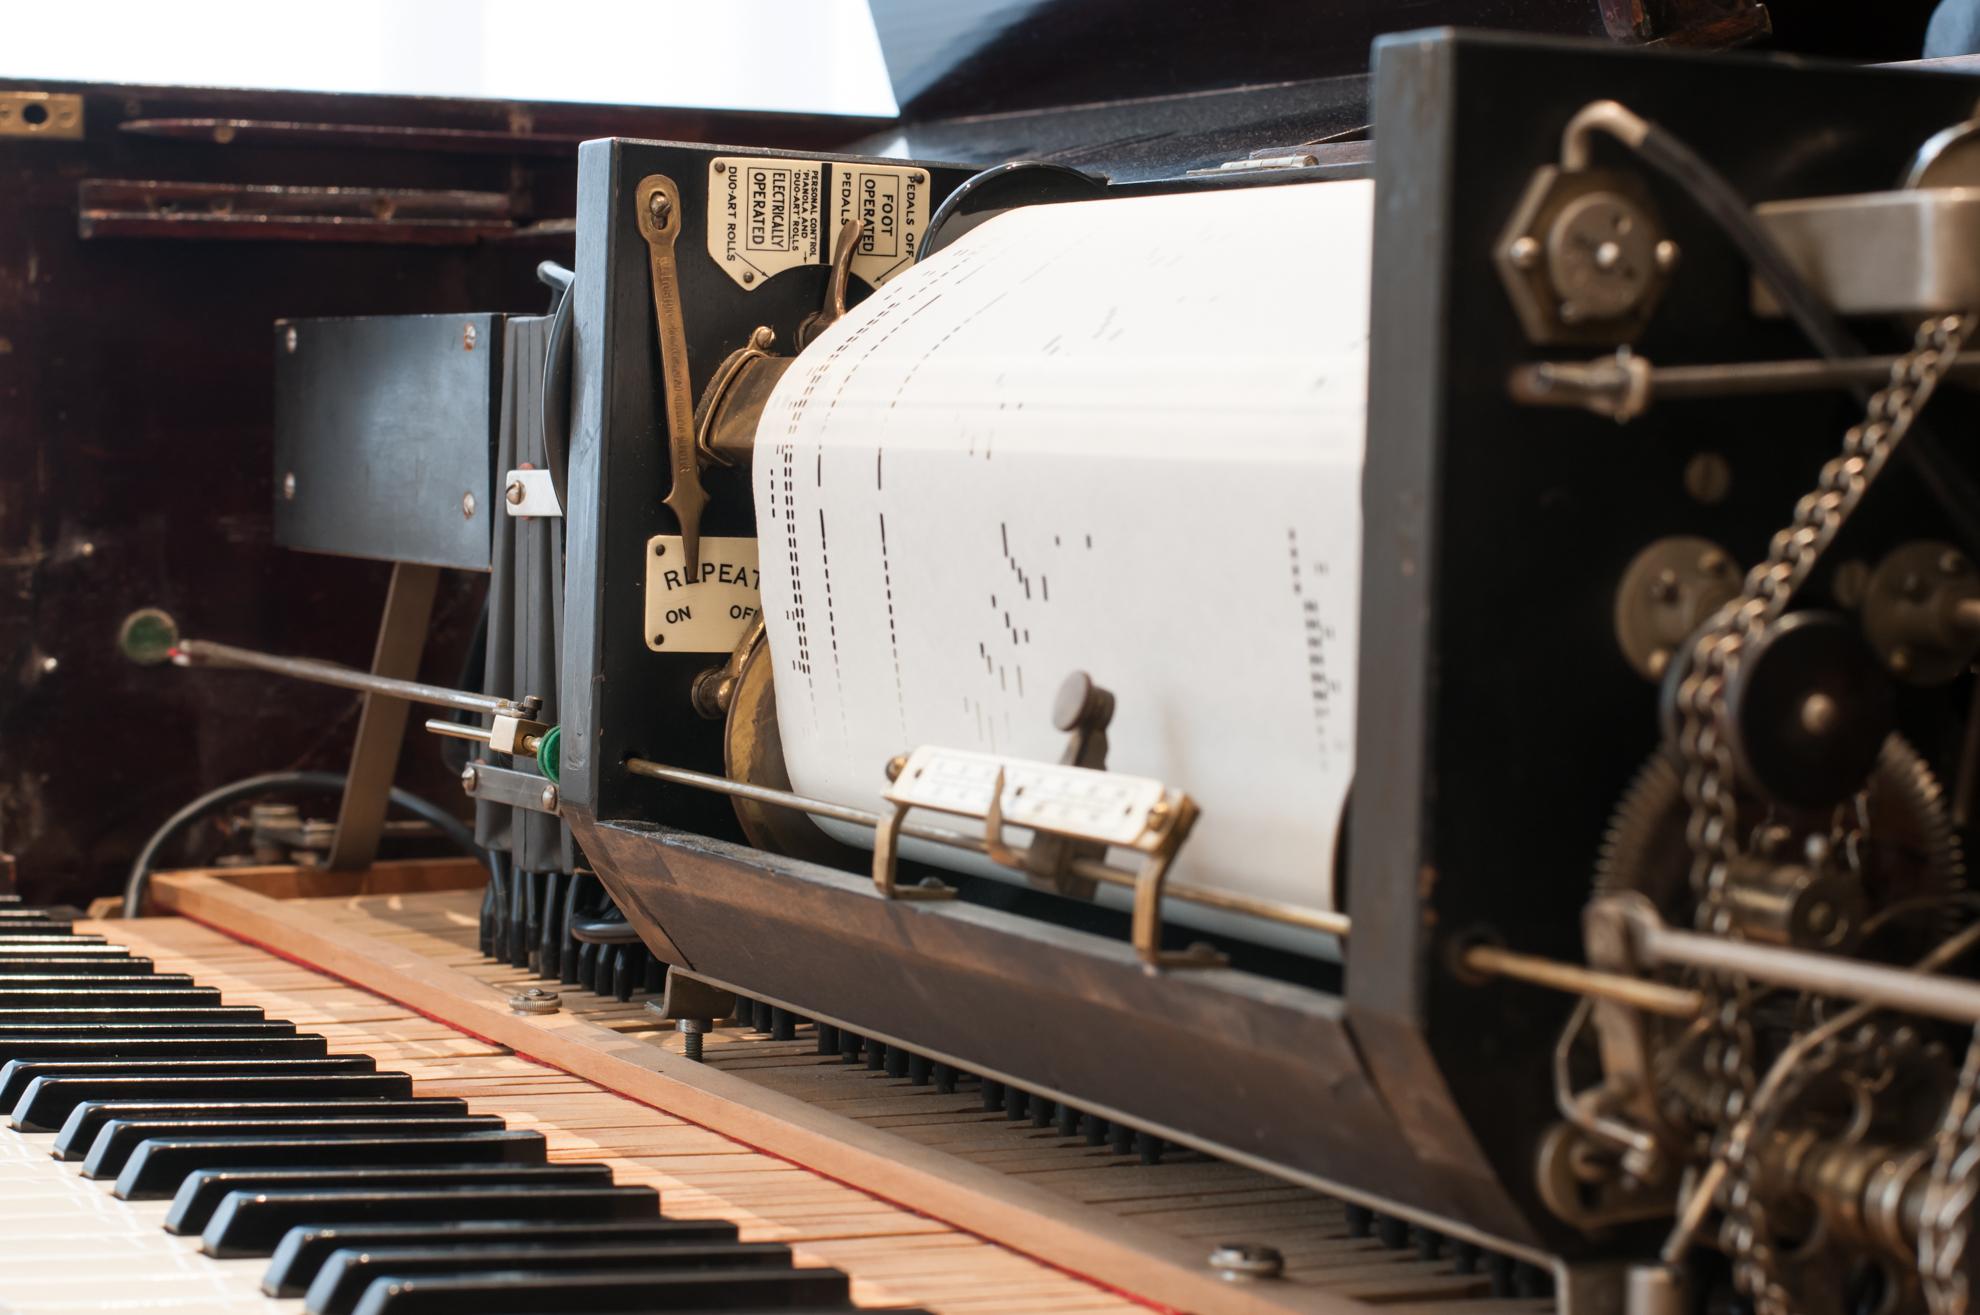 """""""Der unsichtbare Pianist"""" im Beethoven-Jahr. Gesprächskonzert am historischen Reproduktionsflügel – 03.09., 18.30 Uhr"""